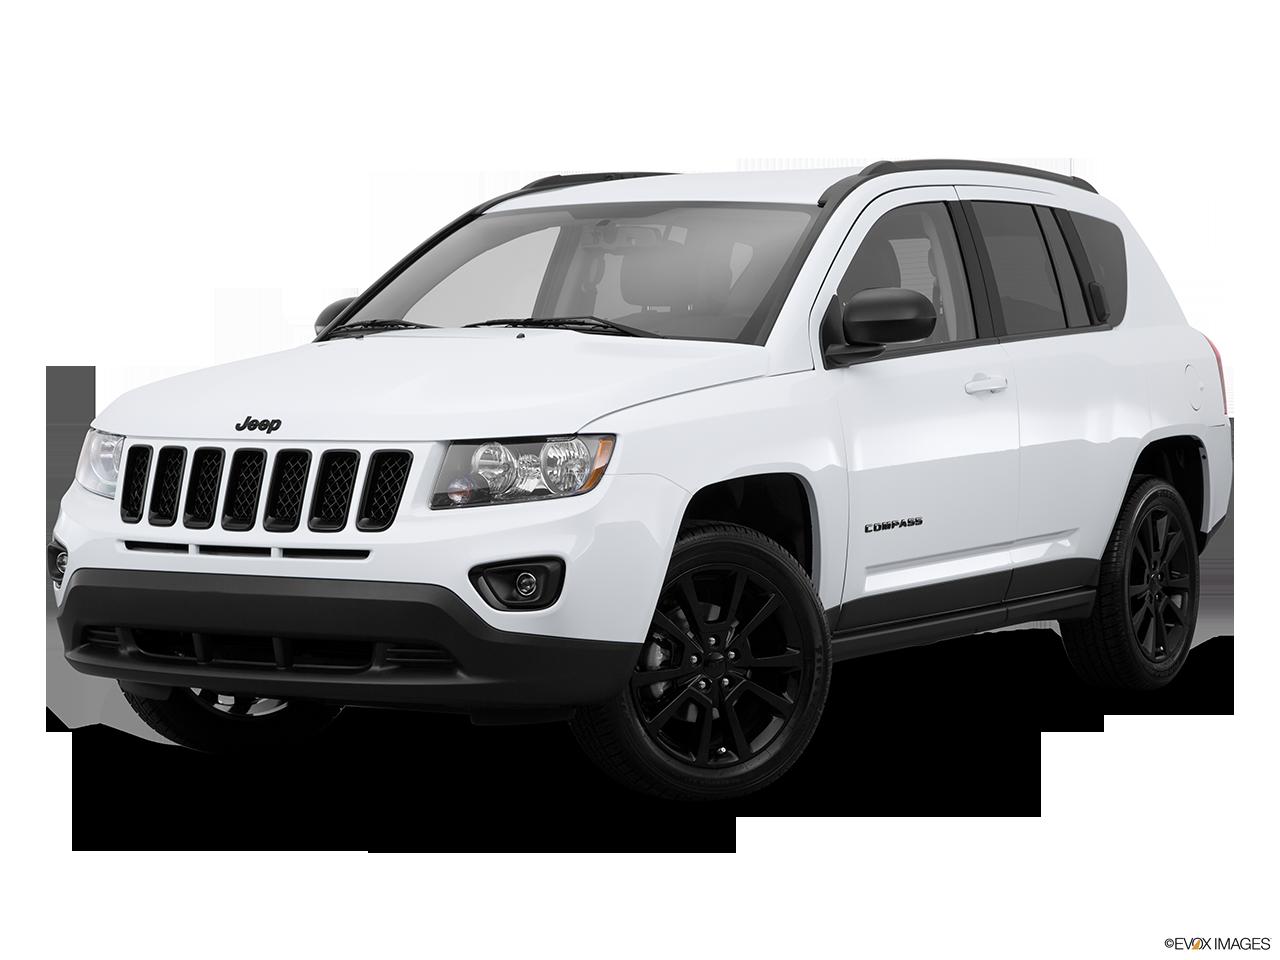 Huntington Beach Dodge >> Huntington Beach Chrysler Dodge Jeep Ram | New Jeep, Chrysler, Dodge, Ram dealership in ...